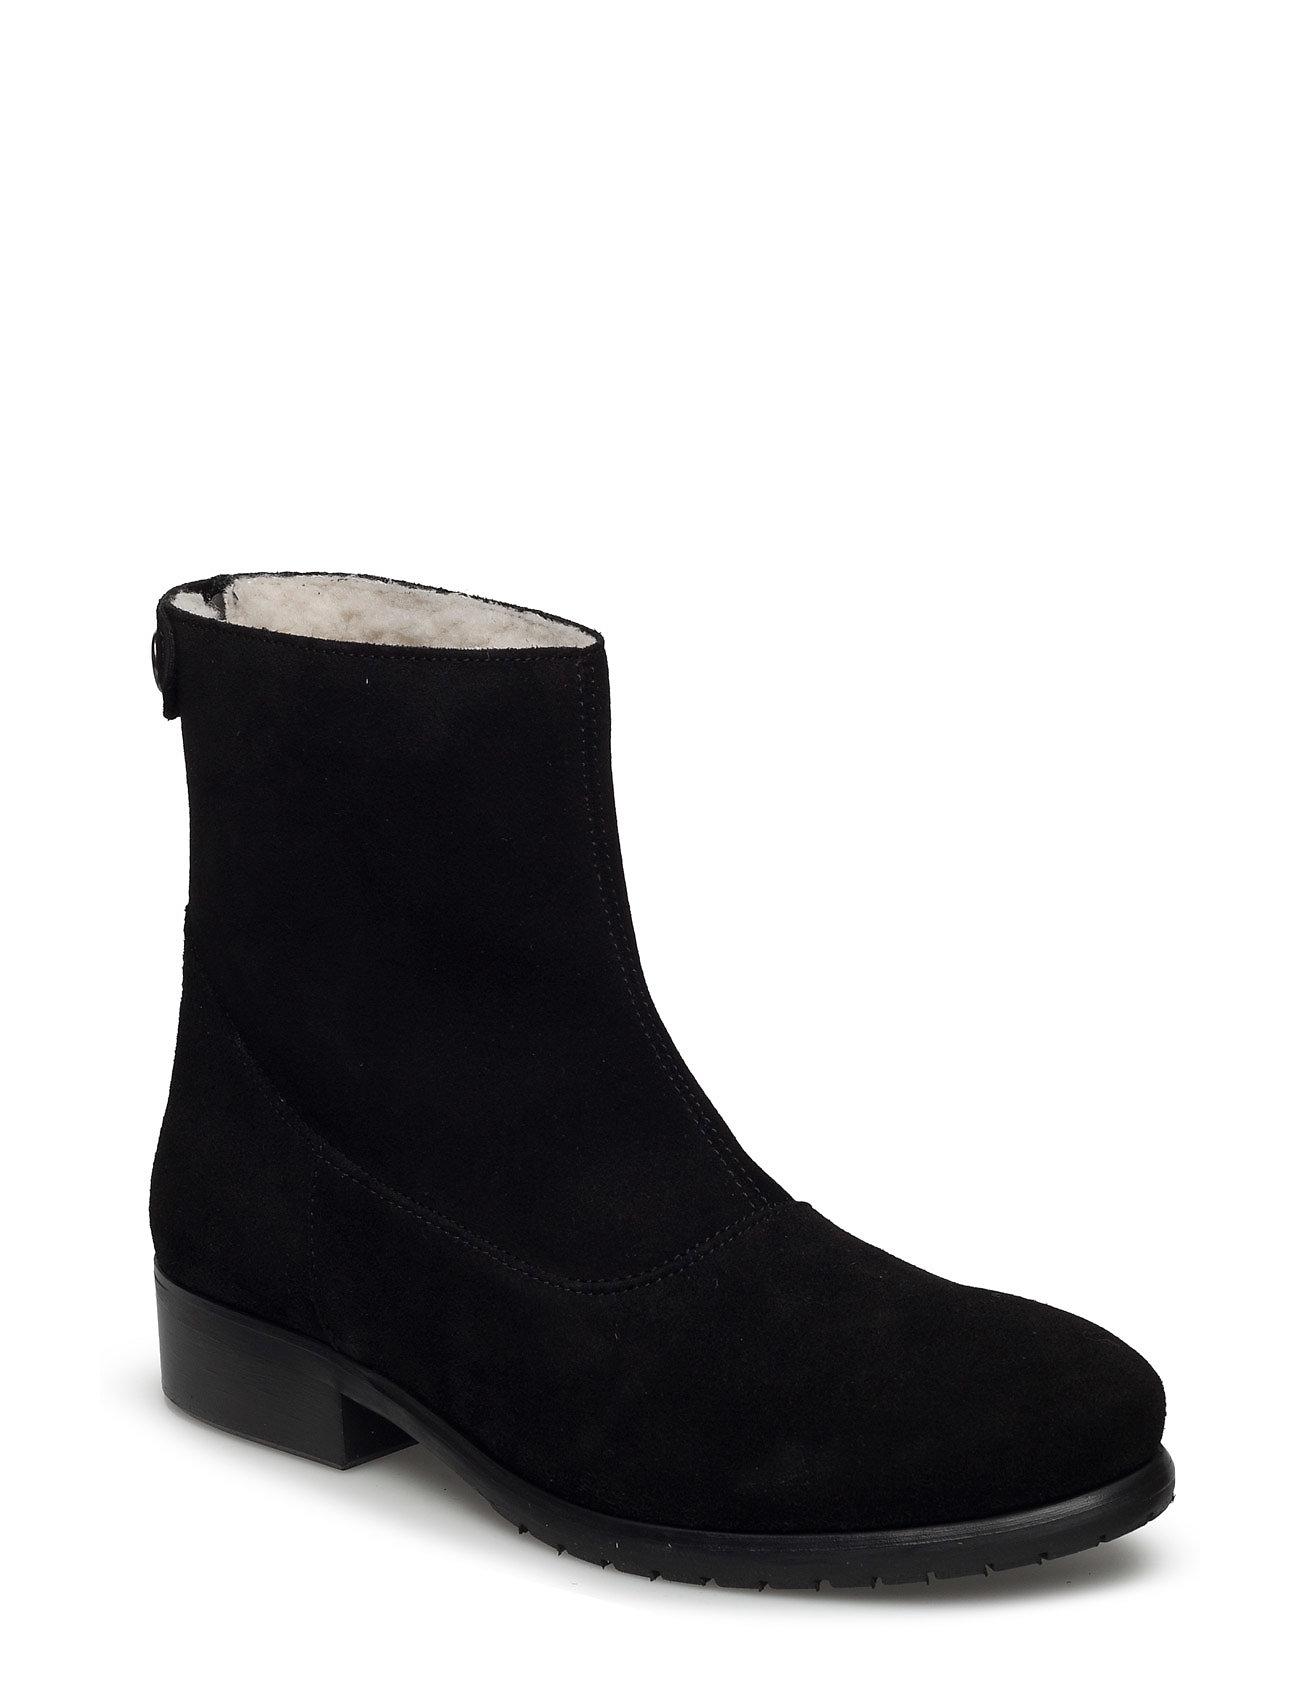 Boots Carla F Sko til Kvinder i